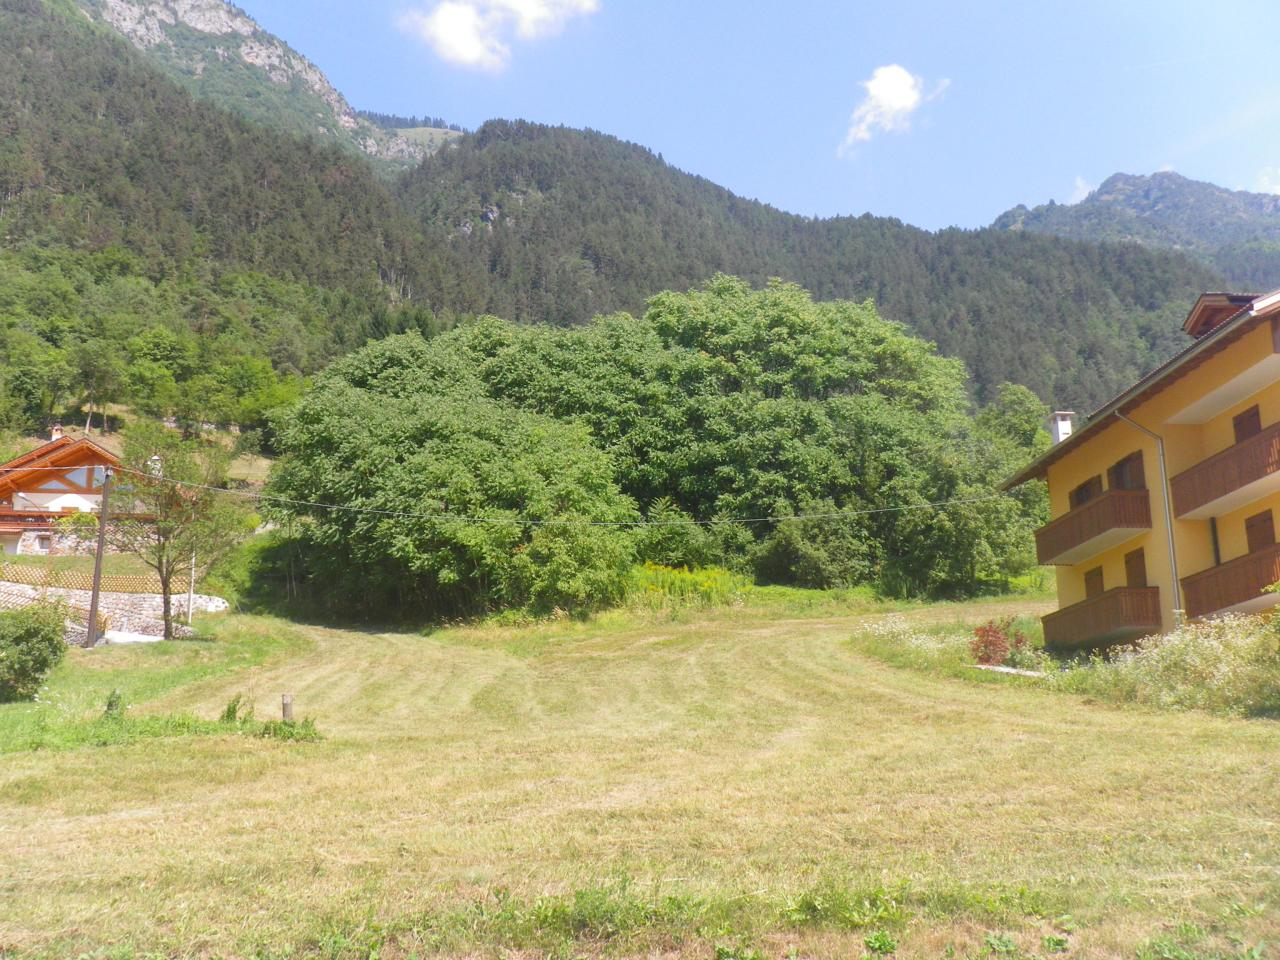 Terreno Edificabile Residenziale in vendita a Ragoli, 9999 locali, prezzo € 115.000   CambioCasa.it